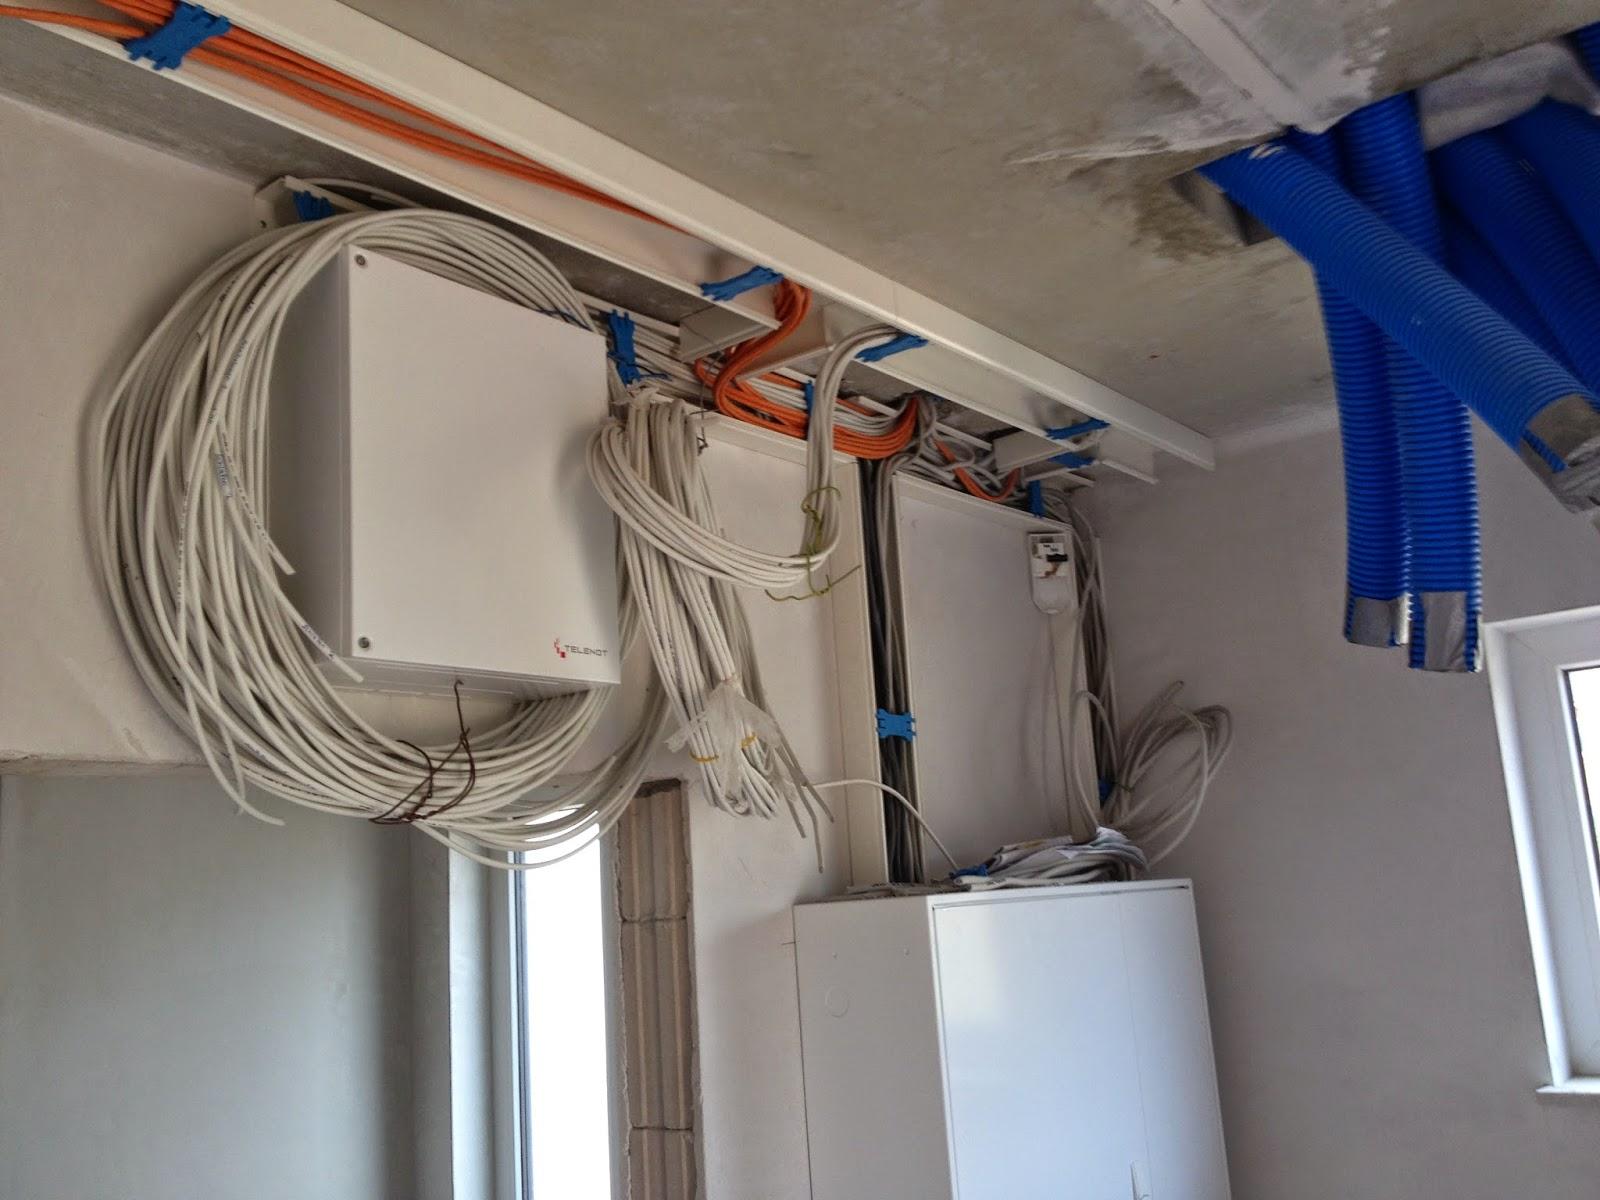 erlenhof 38 auf nach ahrensburg fliesen kabel rigipsplatten jedem das seine im urlaub. Black Bedroom Furniture Sets. Home Design Ideas